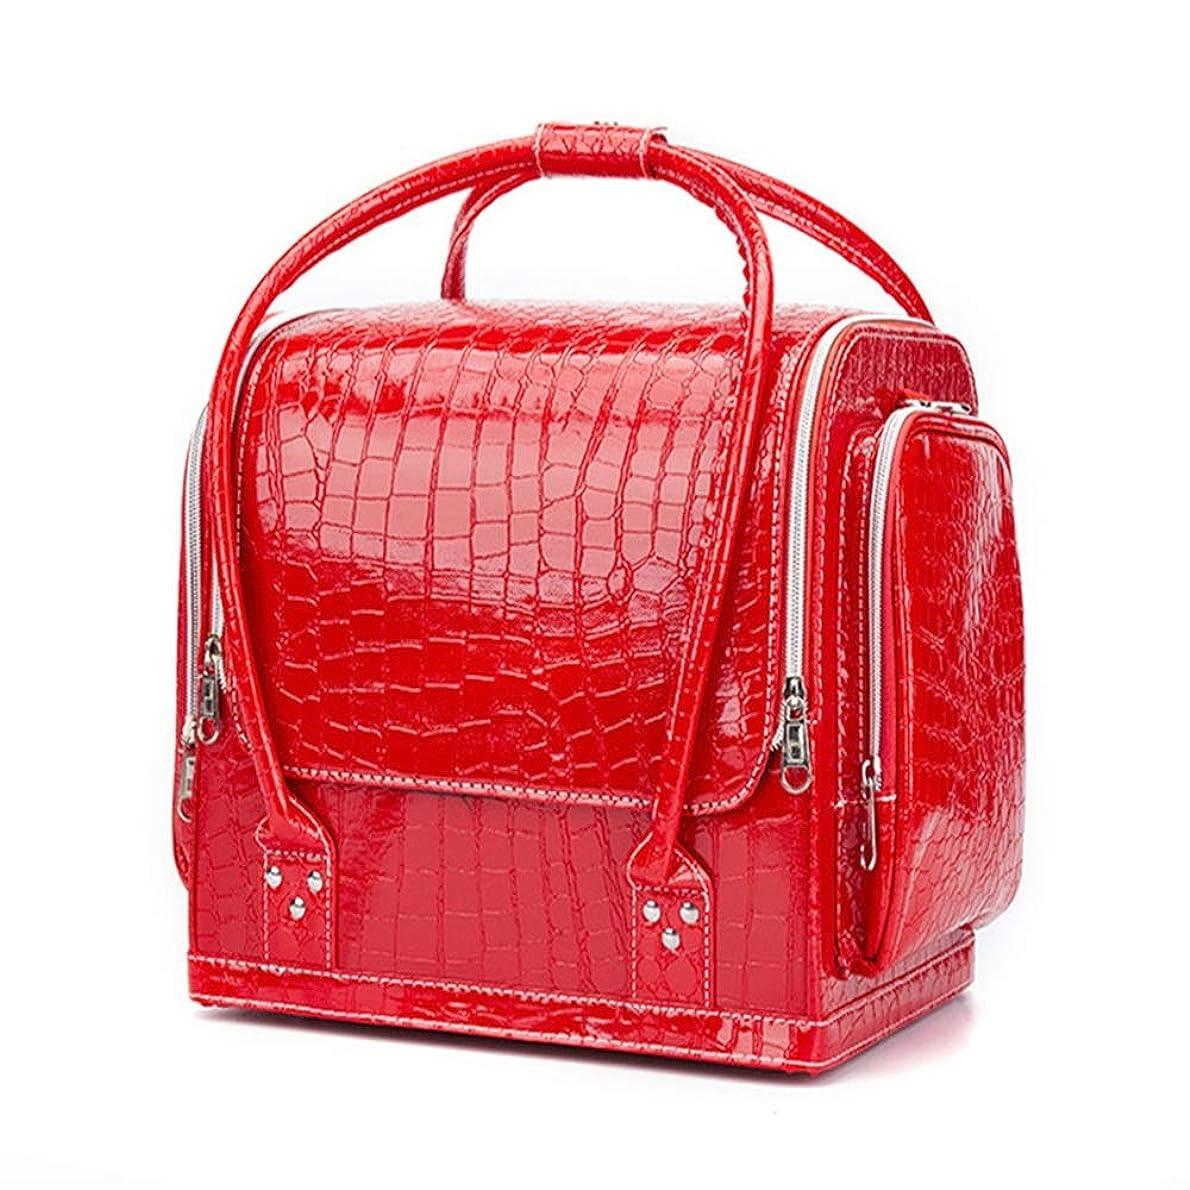 評価可能あいにくレビュー化粧オーガナイザーバッグ ポータブルプロフェッショナルpuレザー旅行メイクアップバッグパターンメイクアップアーティストケーストレインボックス化粧品オーガナイザー収納用十代の女の子女性アーティスト 化粧品ケース (色 : 赤)